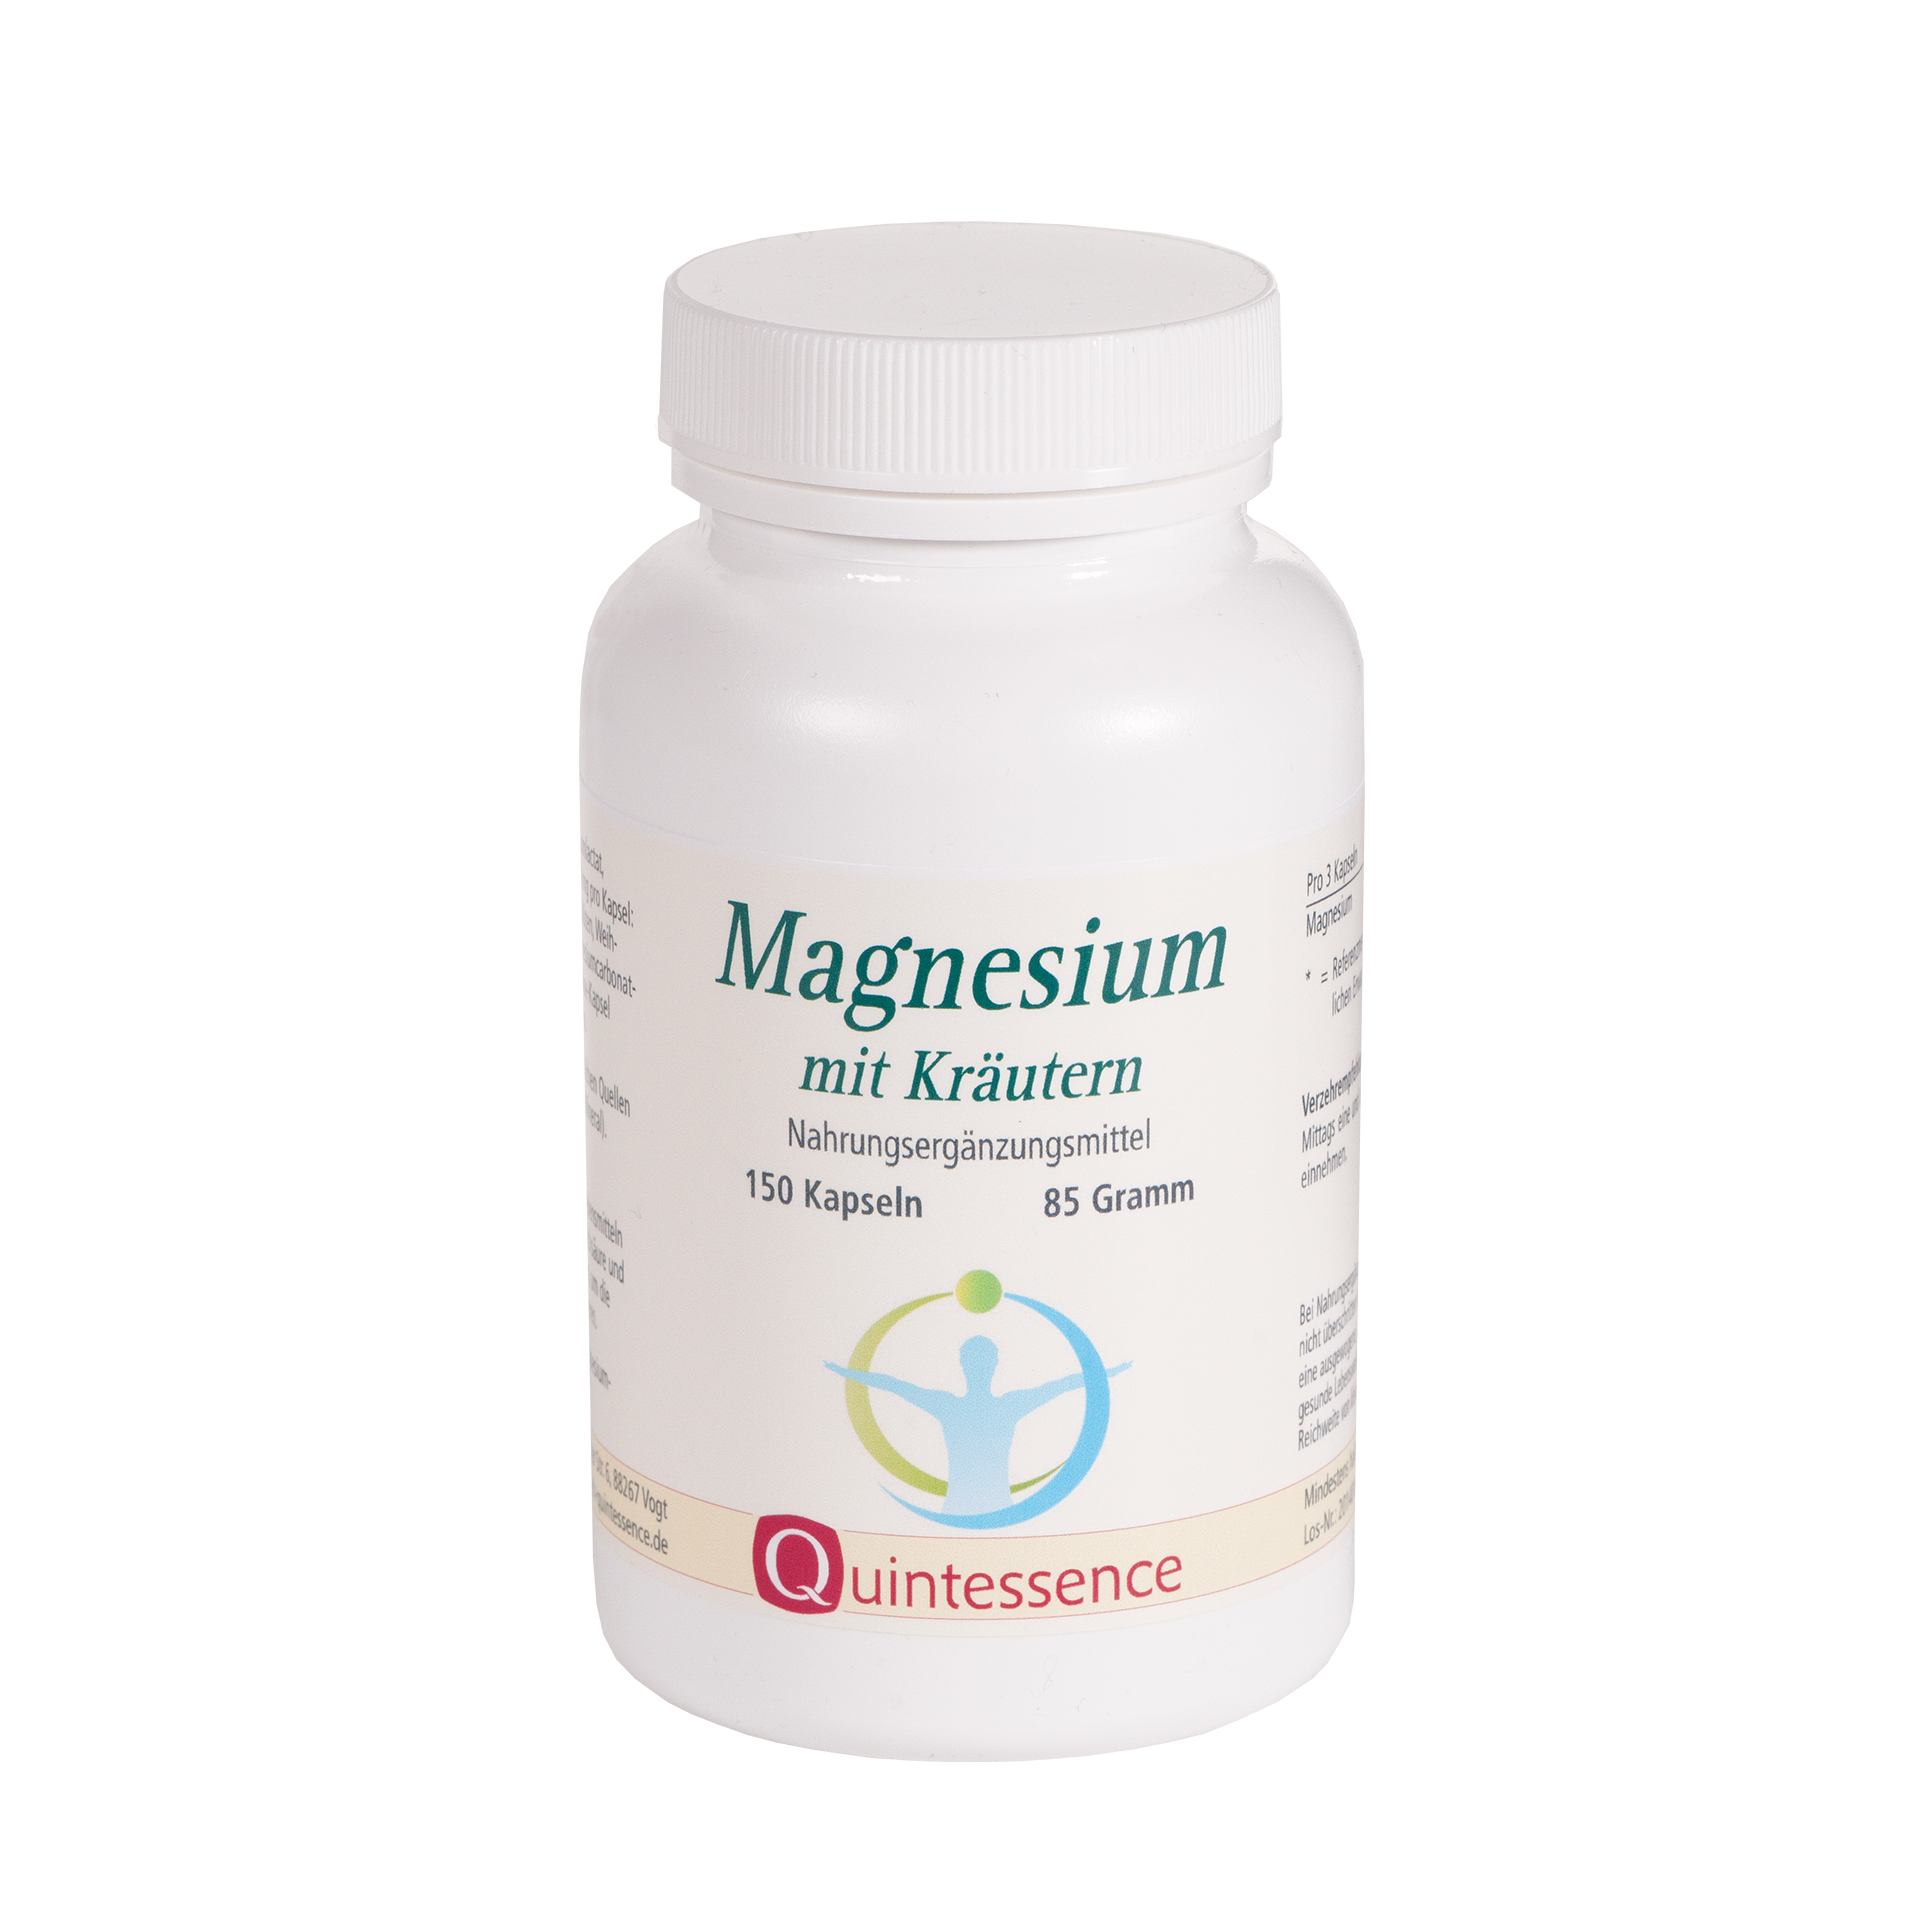 Magnesium mit Kräutern, 150 Kapseln